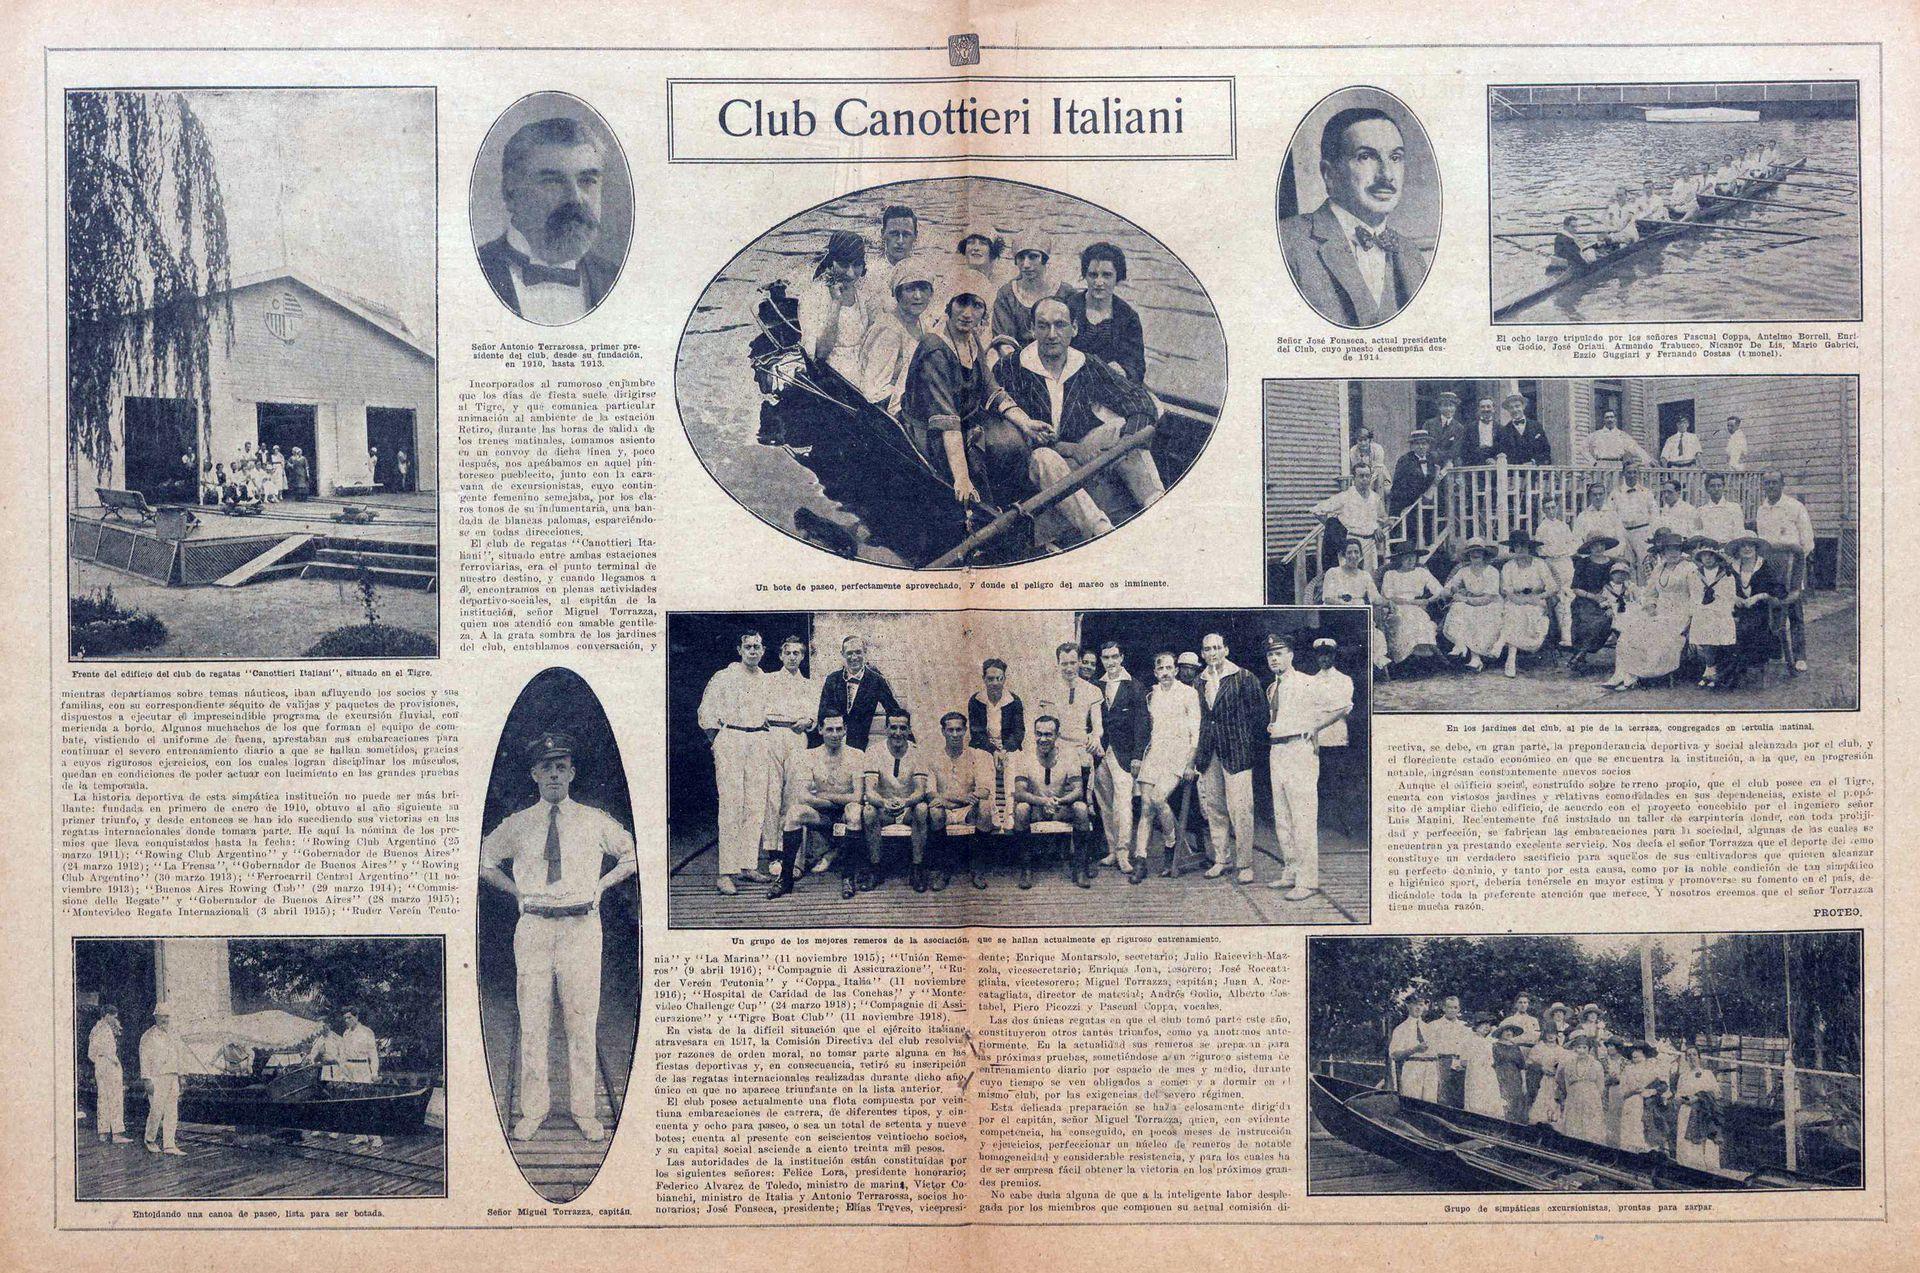 Una publicación de Fray Mocho del 24.12.1918. A la izquierda, la primera sede del Club Canottieri.